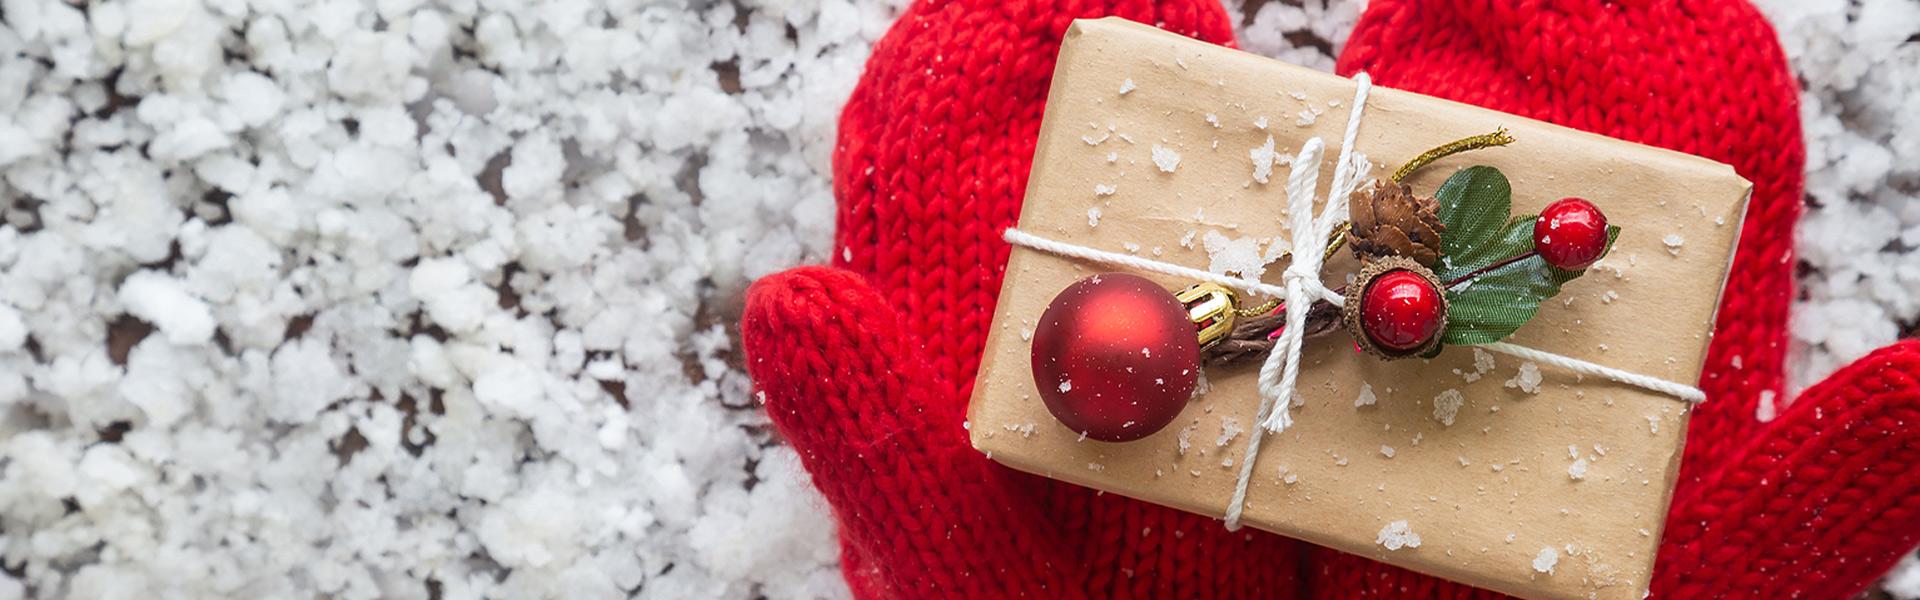 Immagini Di Copertina Di Natale.Facebook Covers Copertine Di Natale Per Facebook Forumforyou It